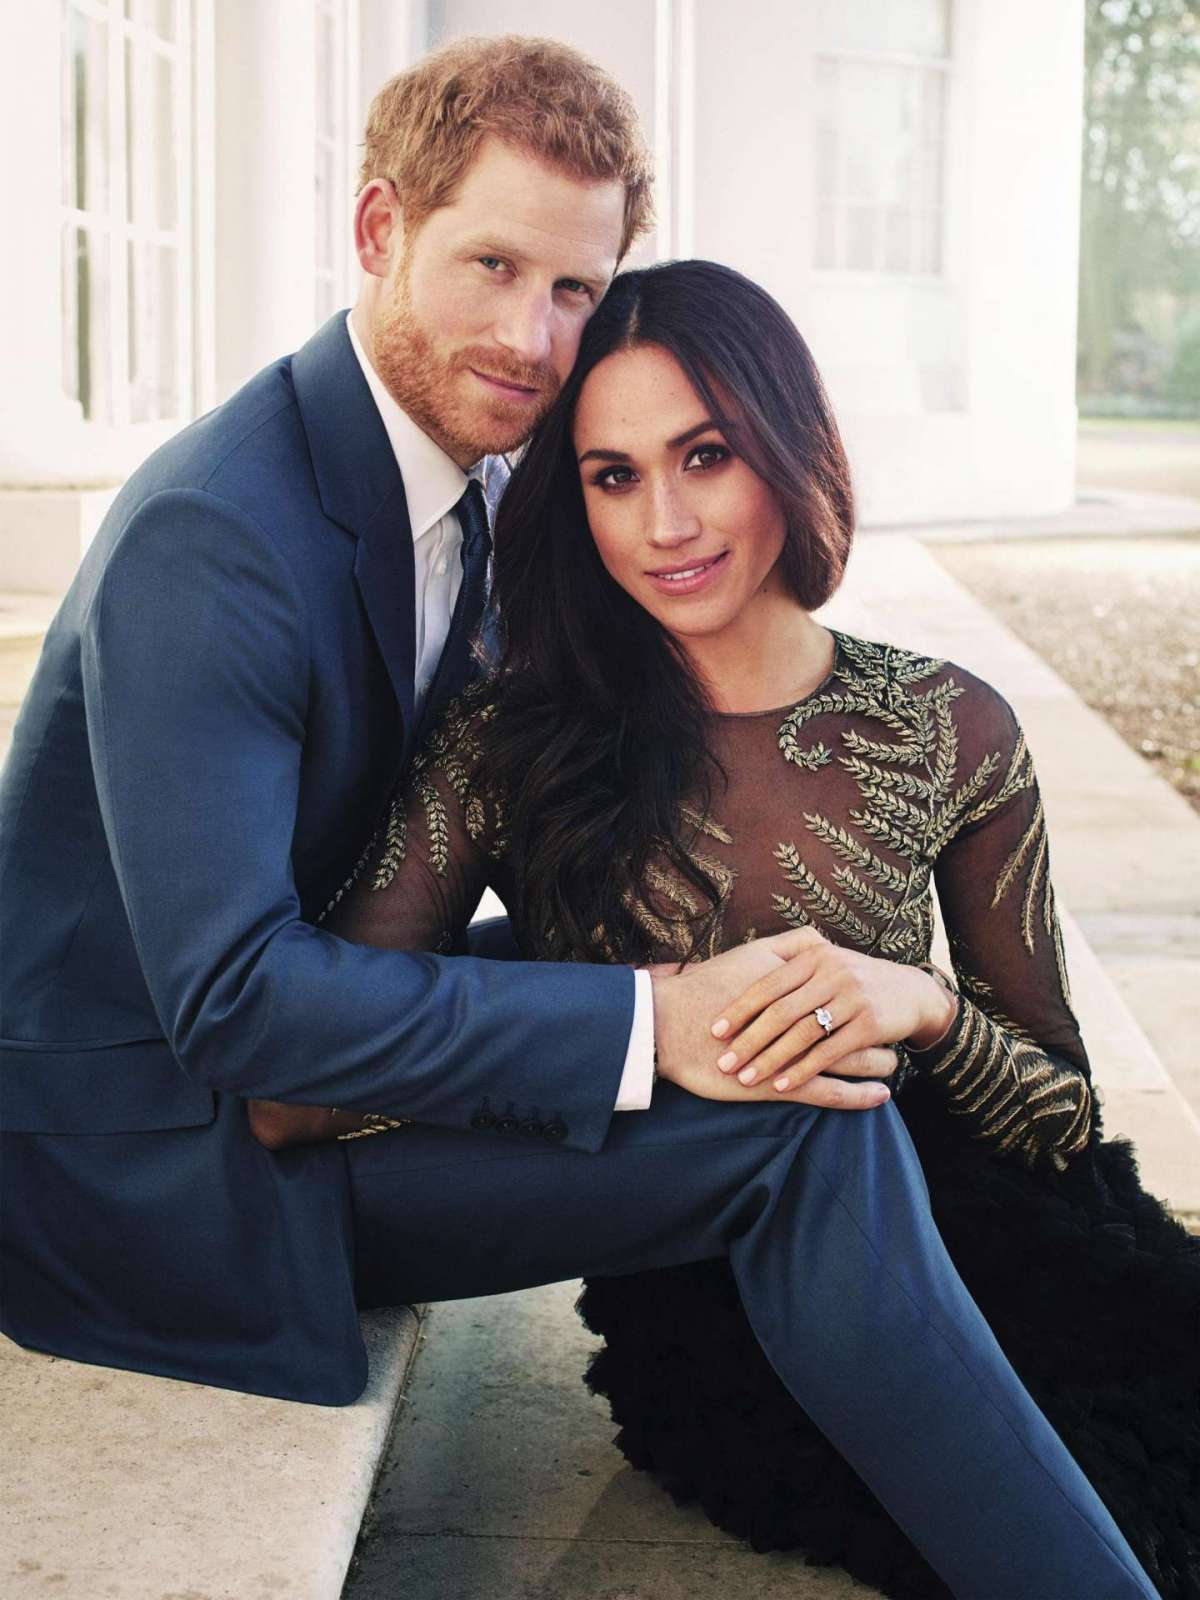 Il principe Harry e Meghan Markle, i ritratti ufficiali del fidanzamento